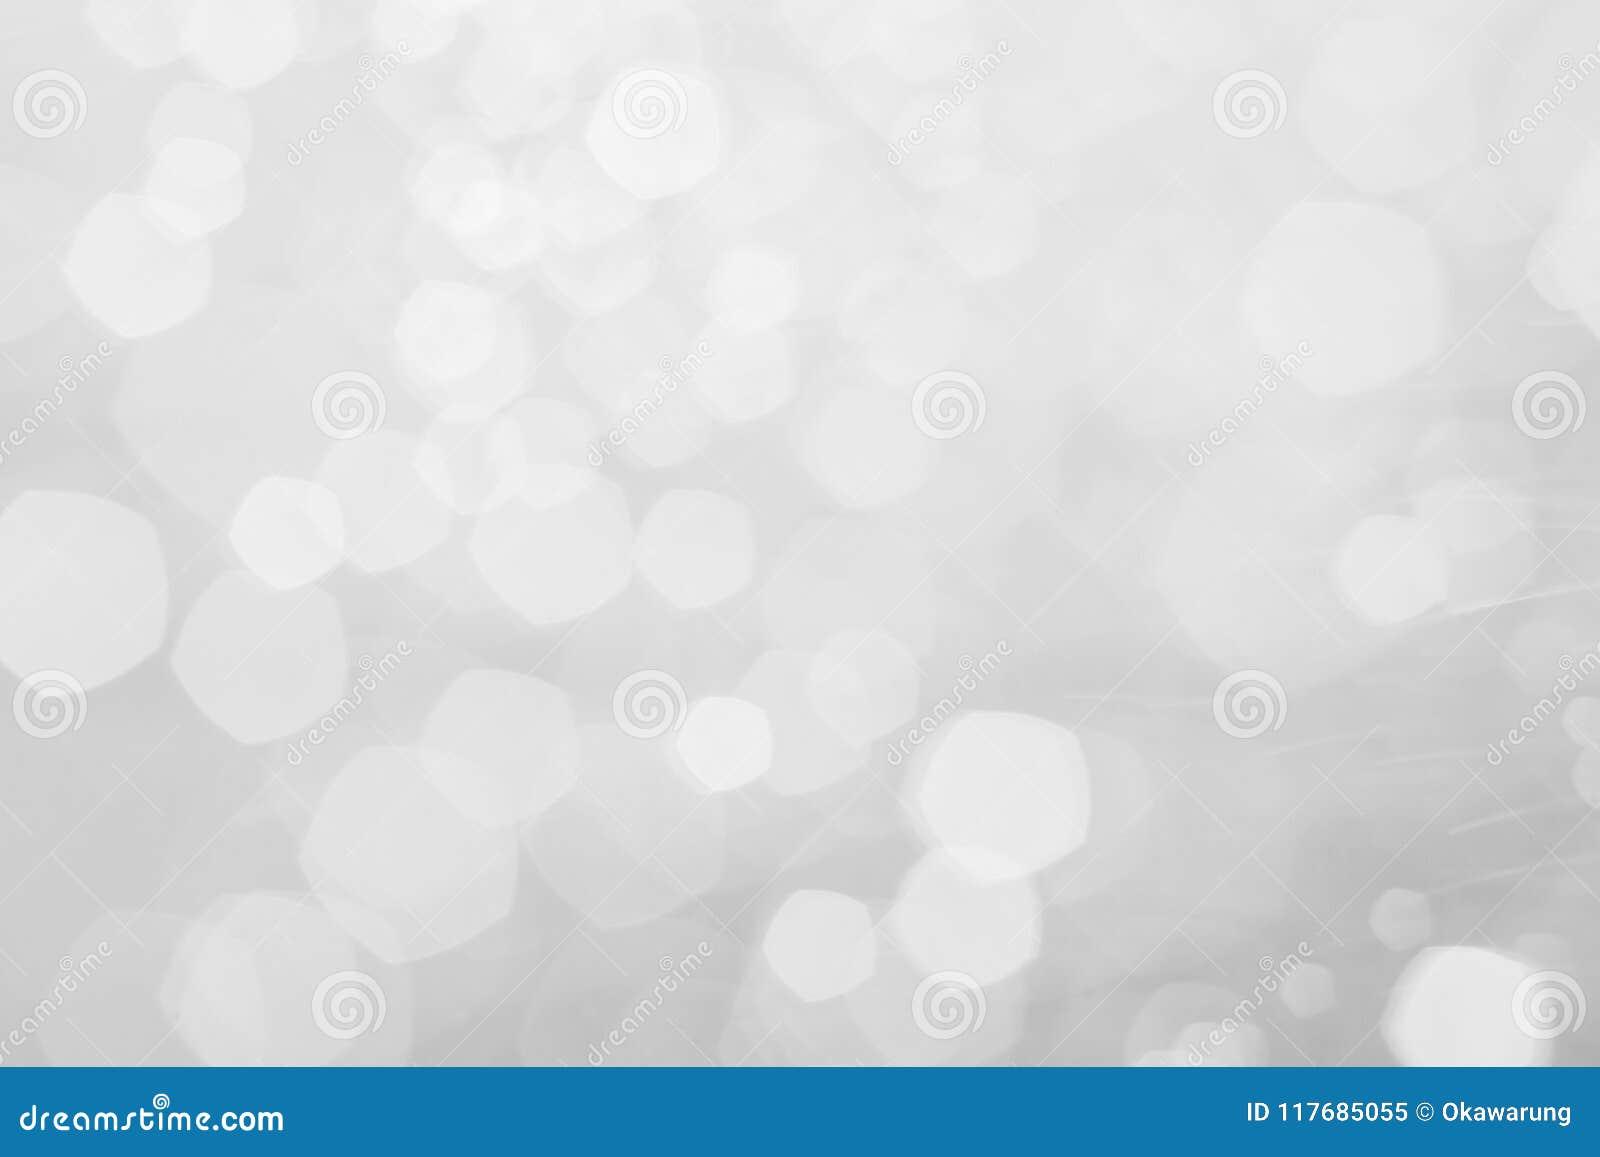 Abstract light bokeh backgrounds/Art colour bokeh light background. Abstract art design for background light texture.